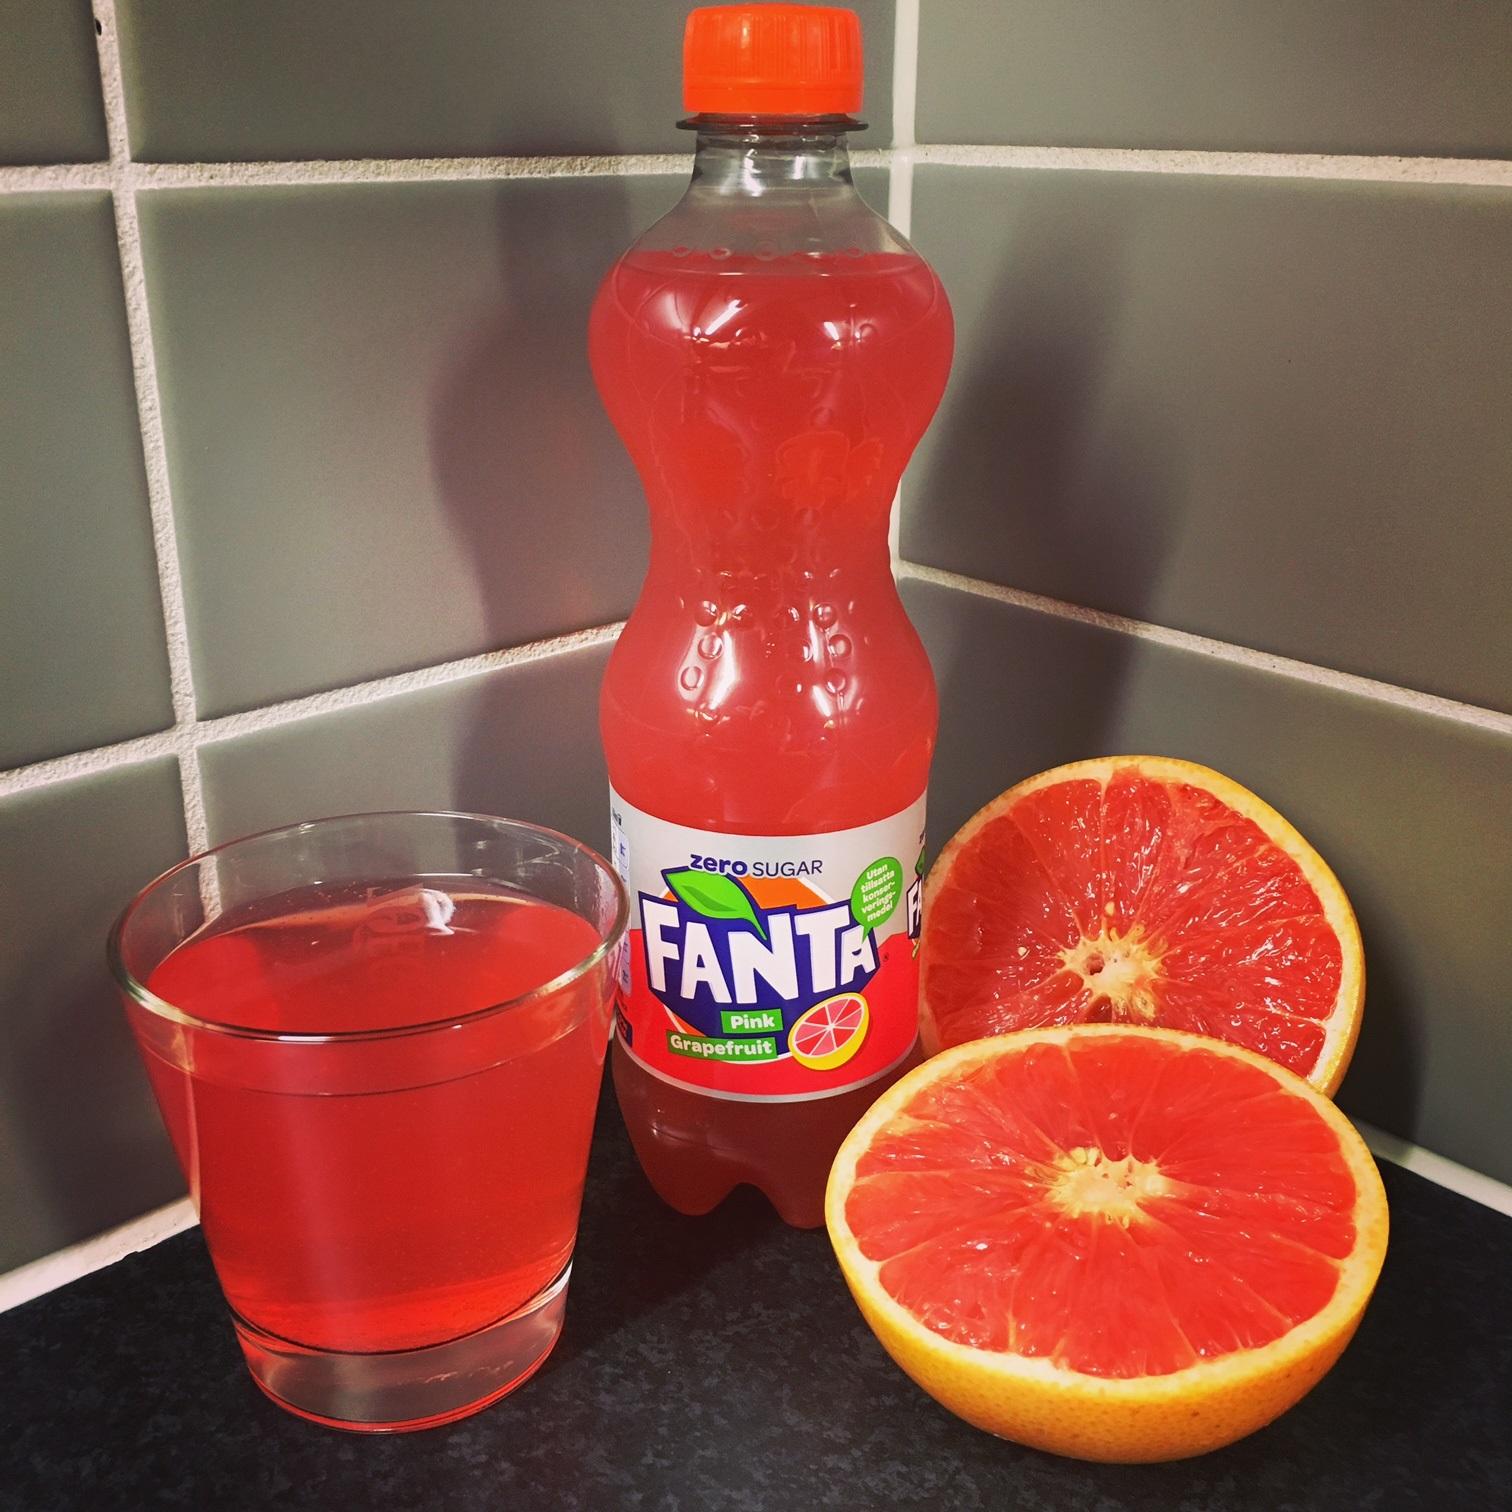 Fanta Zero Pink Grapefruit